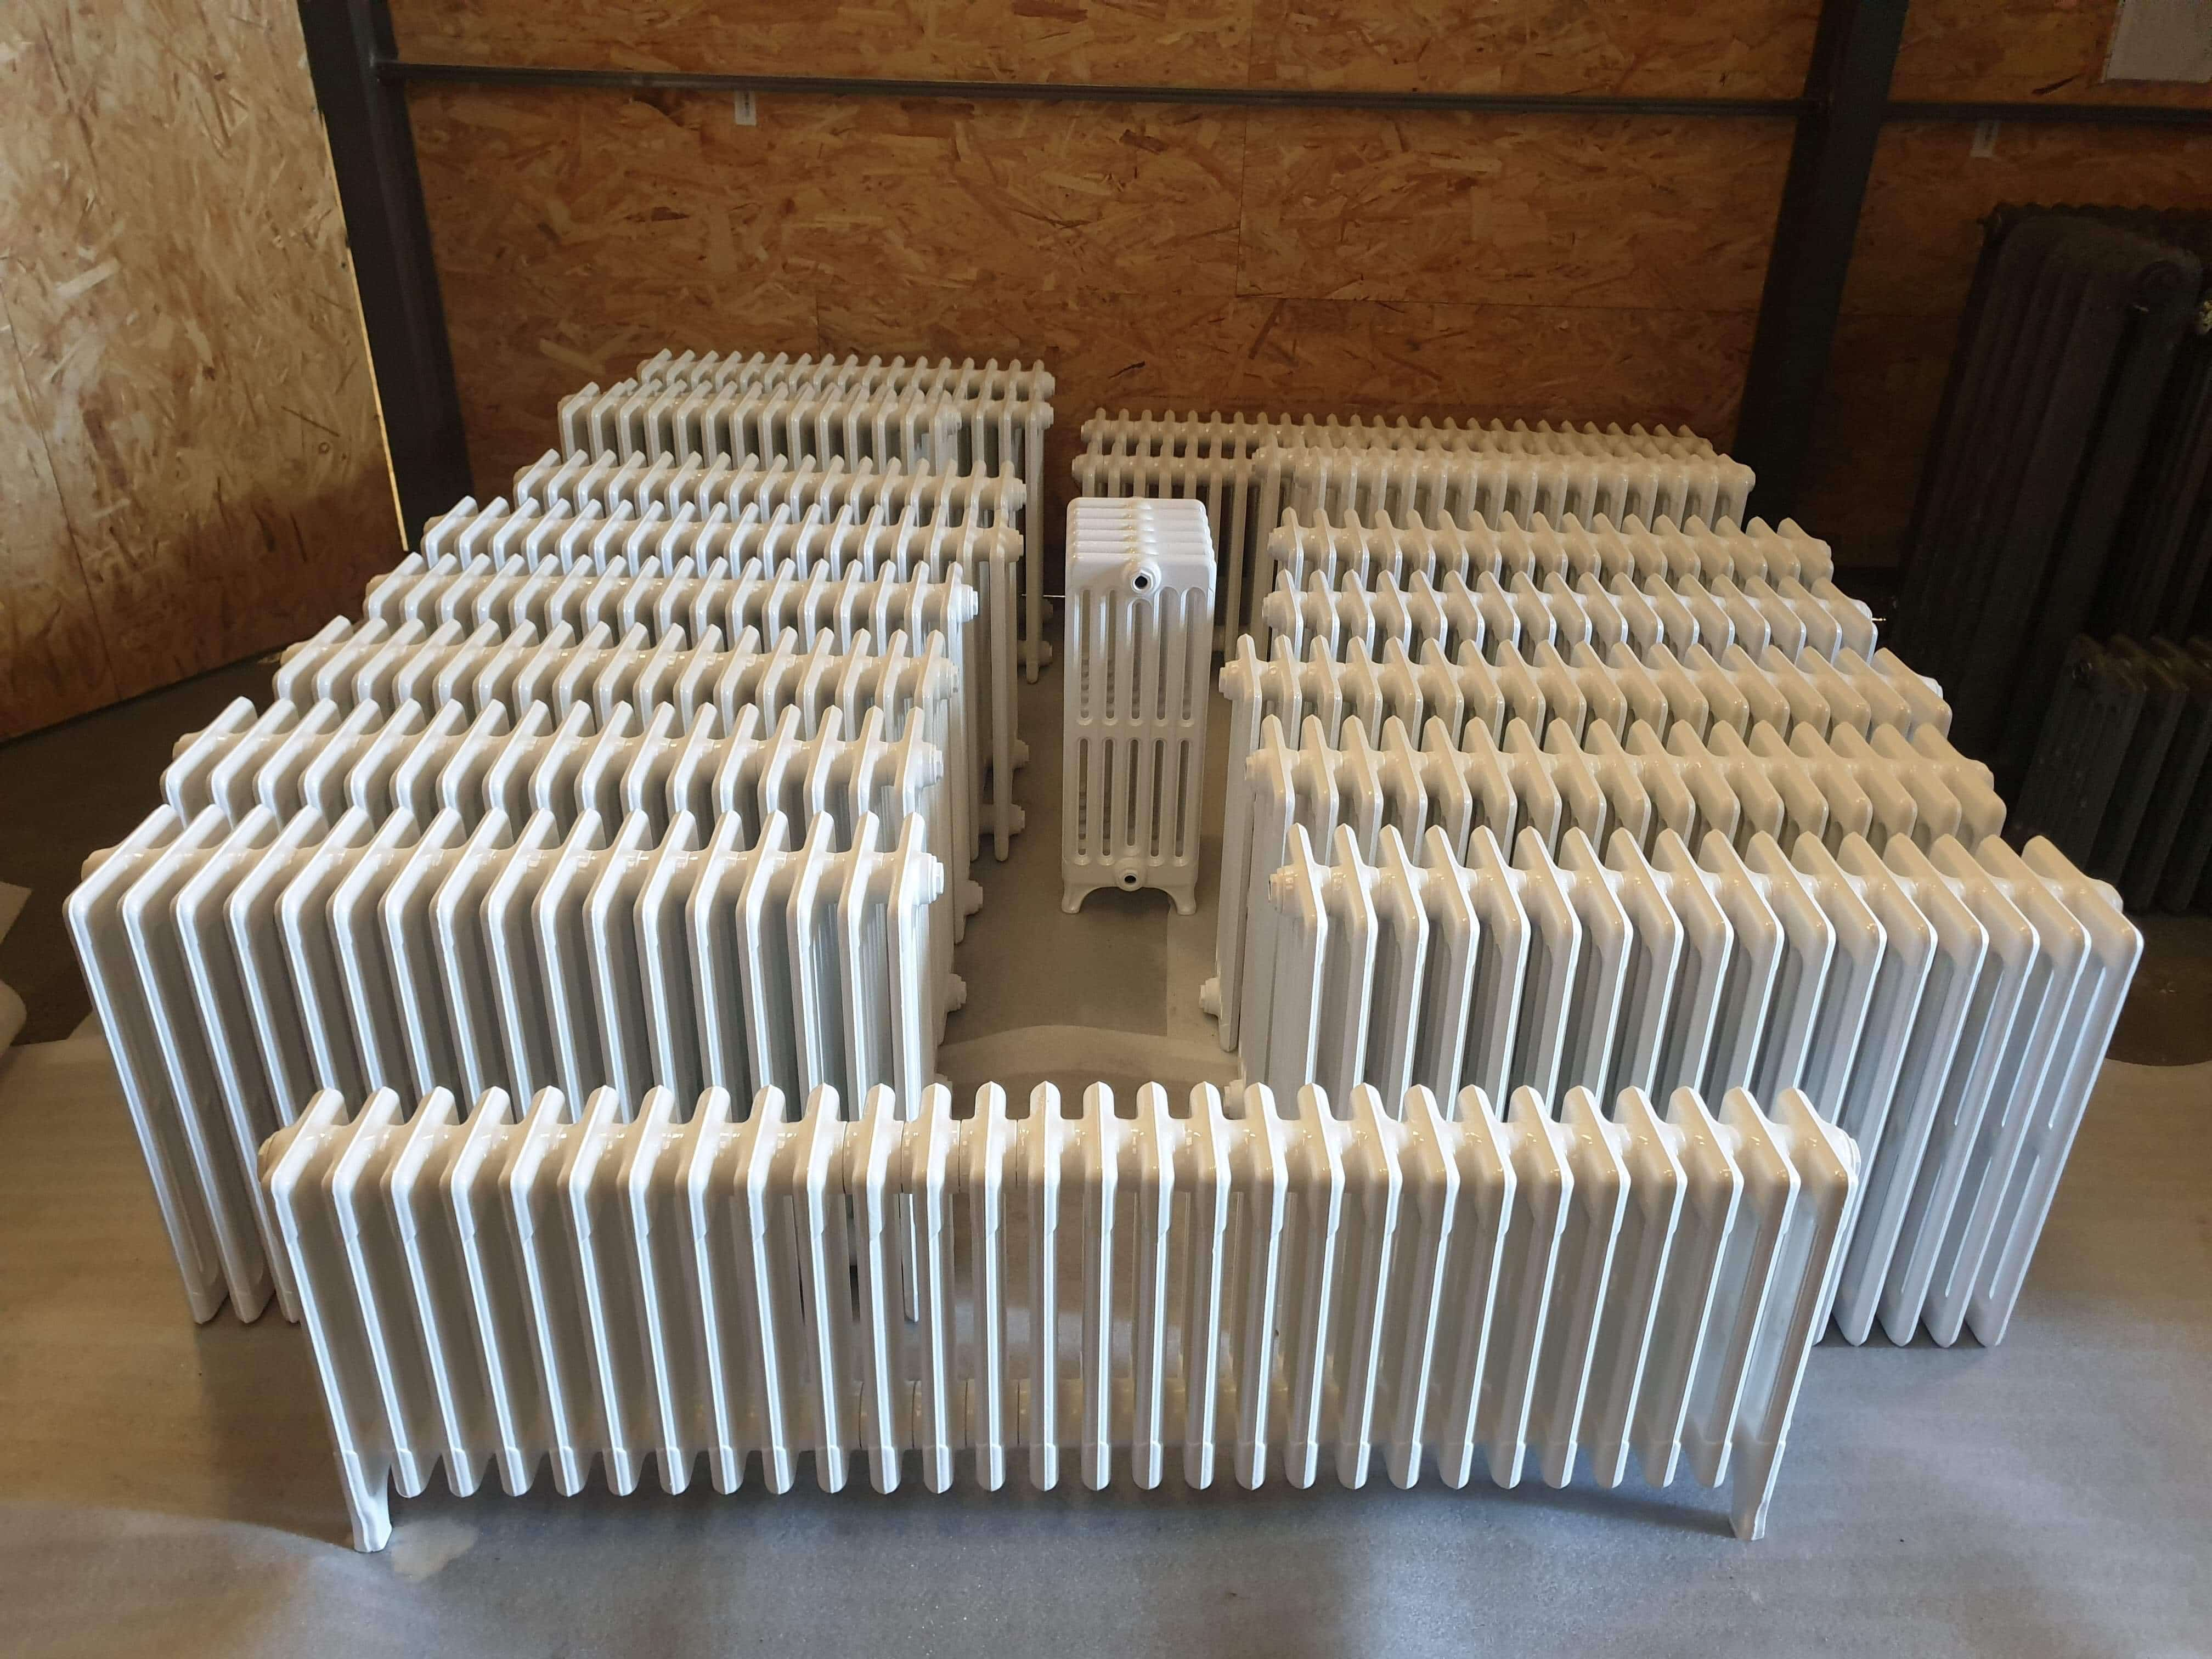 radiateurs en fonte r nov s d capage sablage. Black Bedroom Furniture Sets. Home Design Ideas